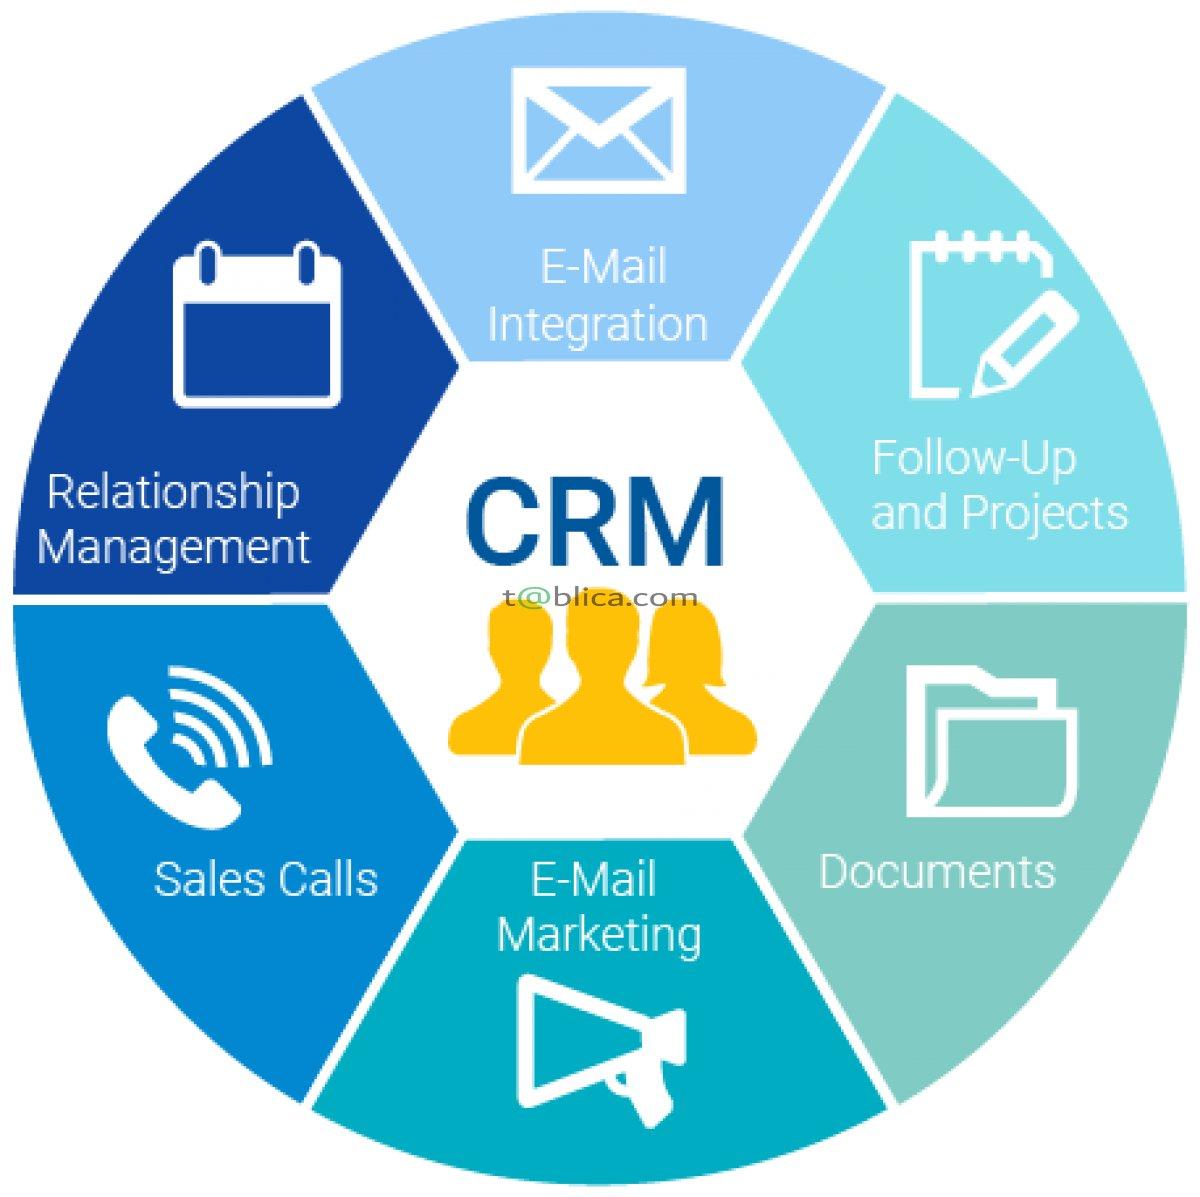 Wdrożenia systemów CRM/ERP/Project Management, Analiza